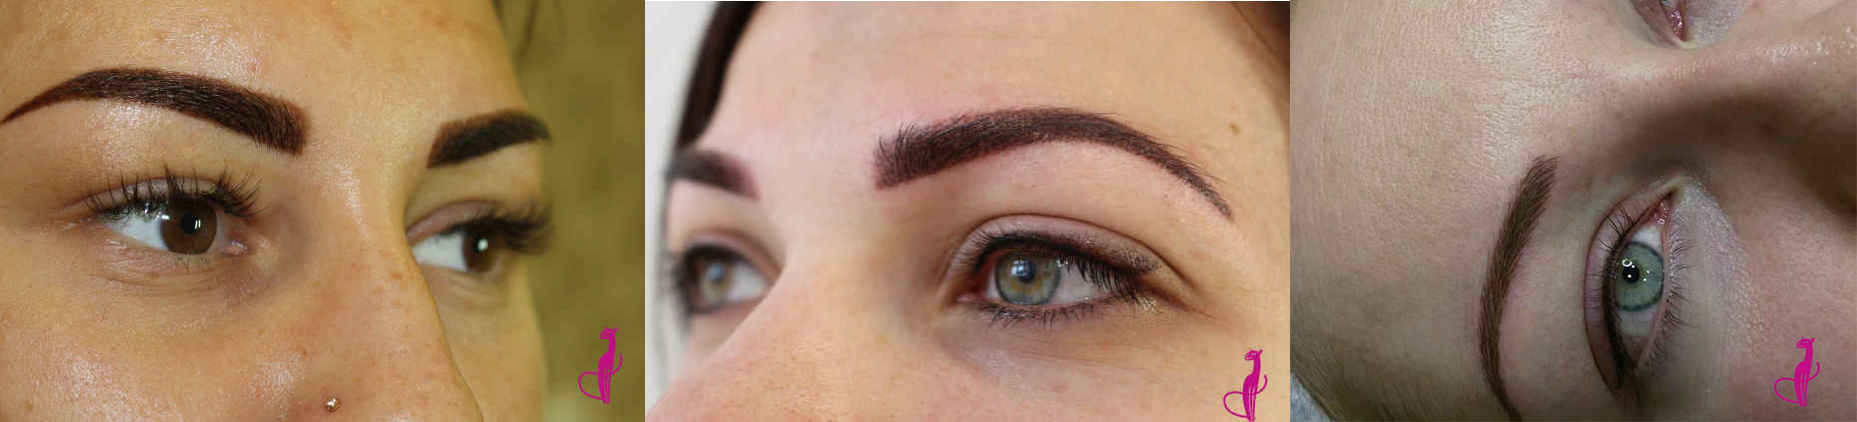 Перманентный макияж бровей: примеры работ студии «Розовая пантера»